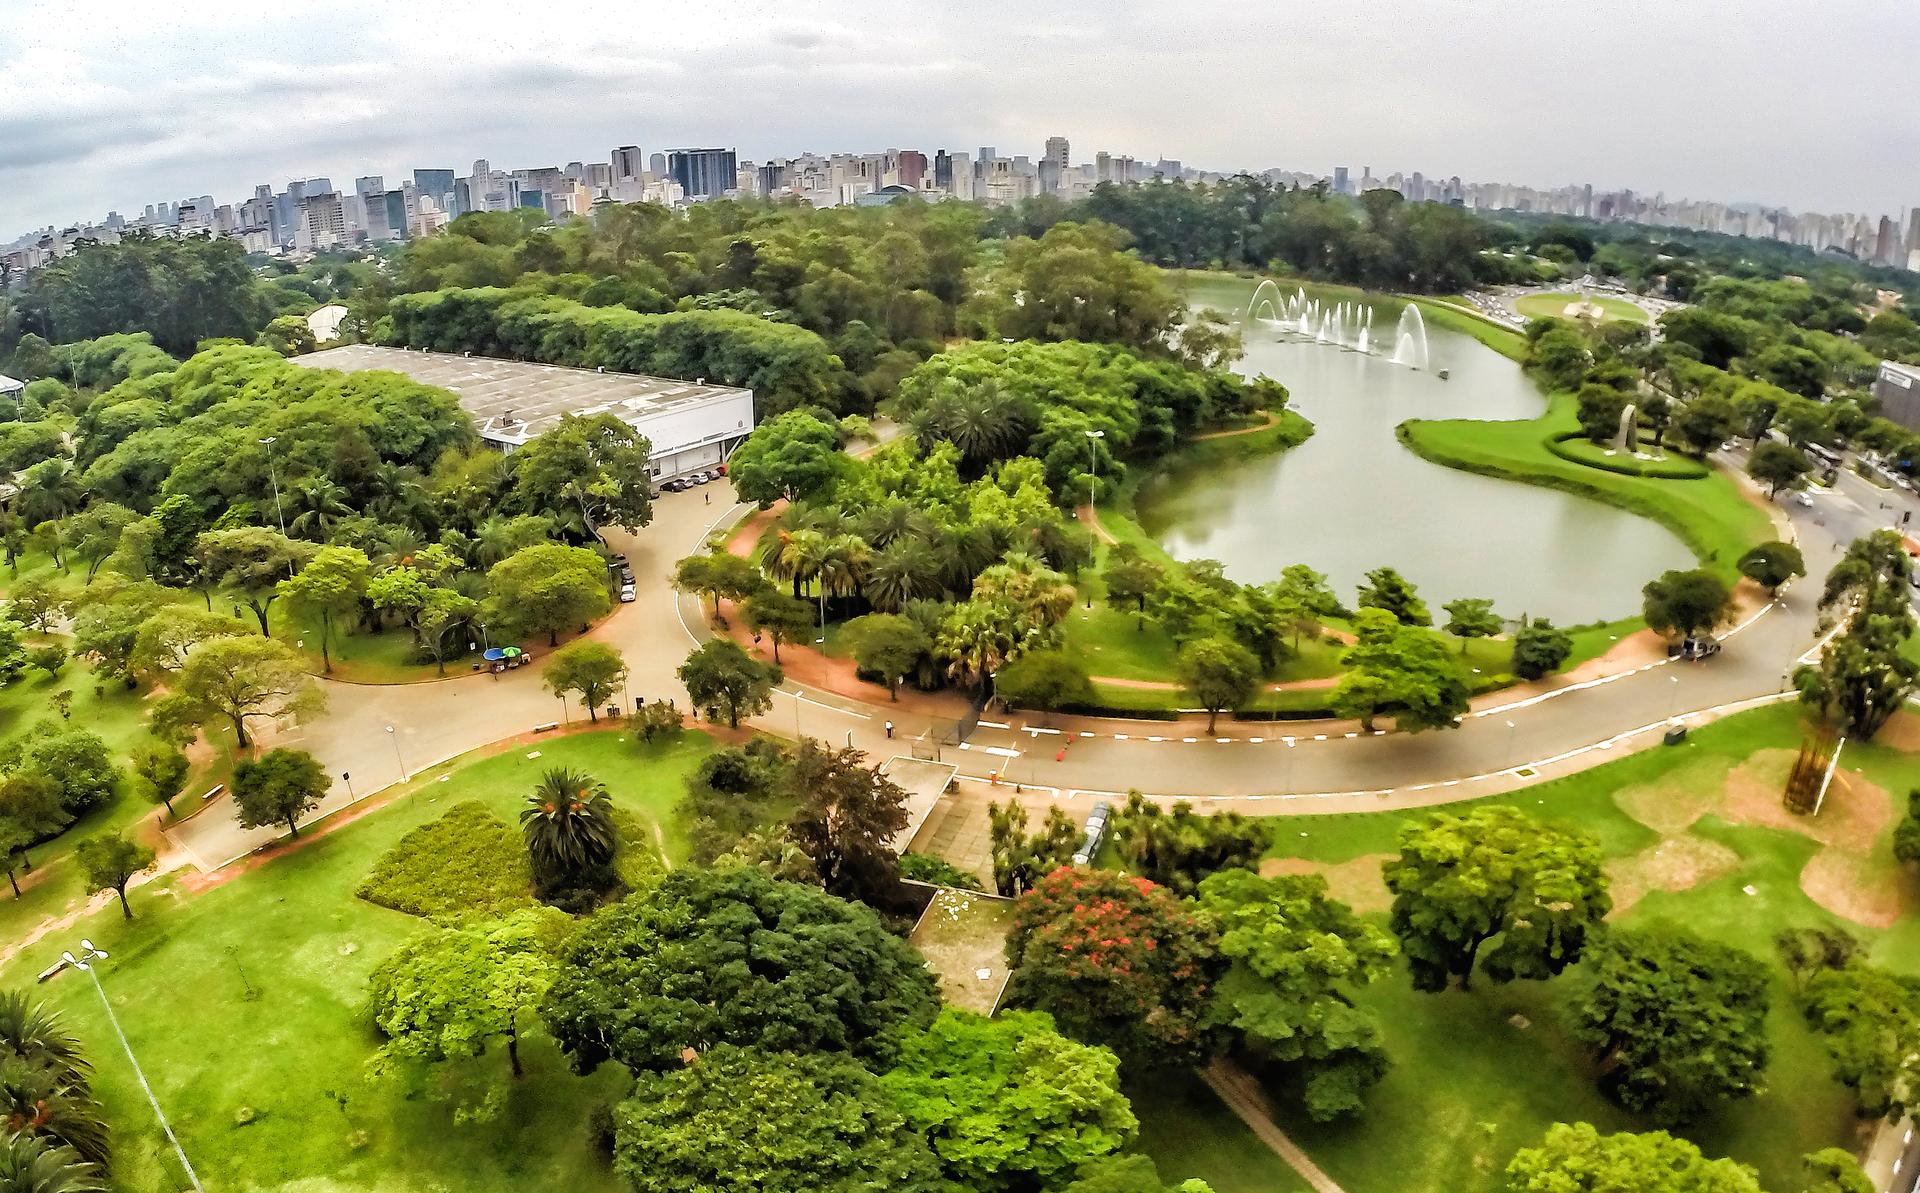 Vista do parque do Ibirapuera, um dos cartões-postais de São Paulo